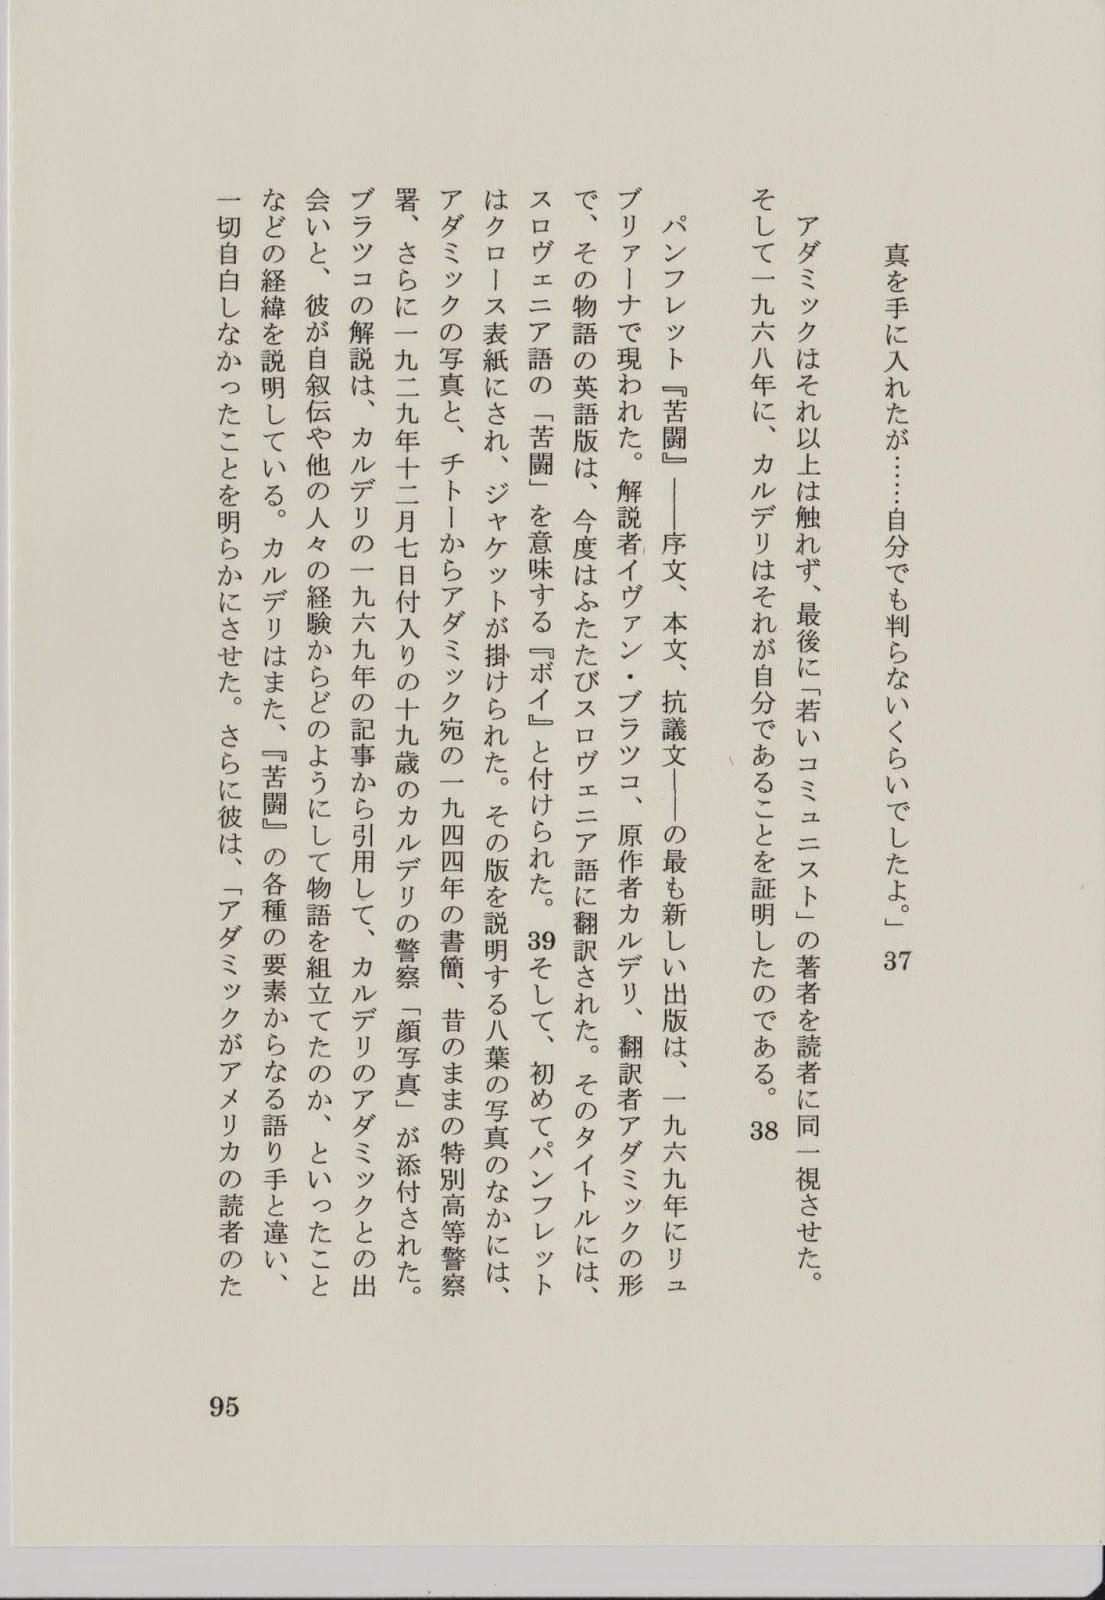 「苦闘」-独裁政権下の政治犯収容所 Struggle by L Adamic